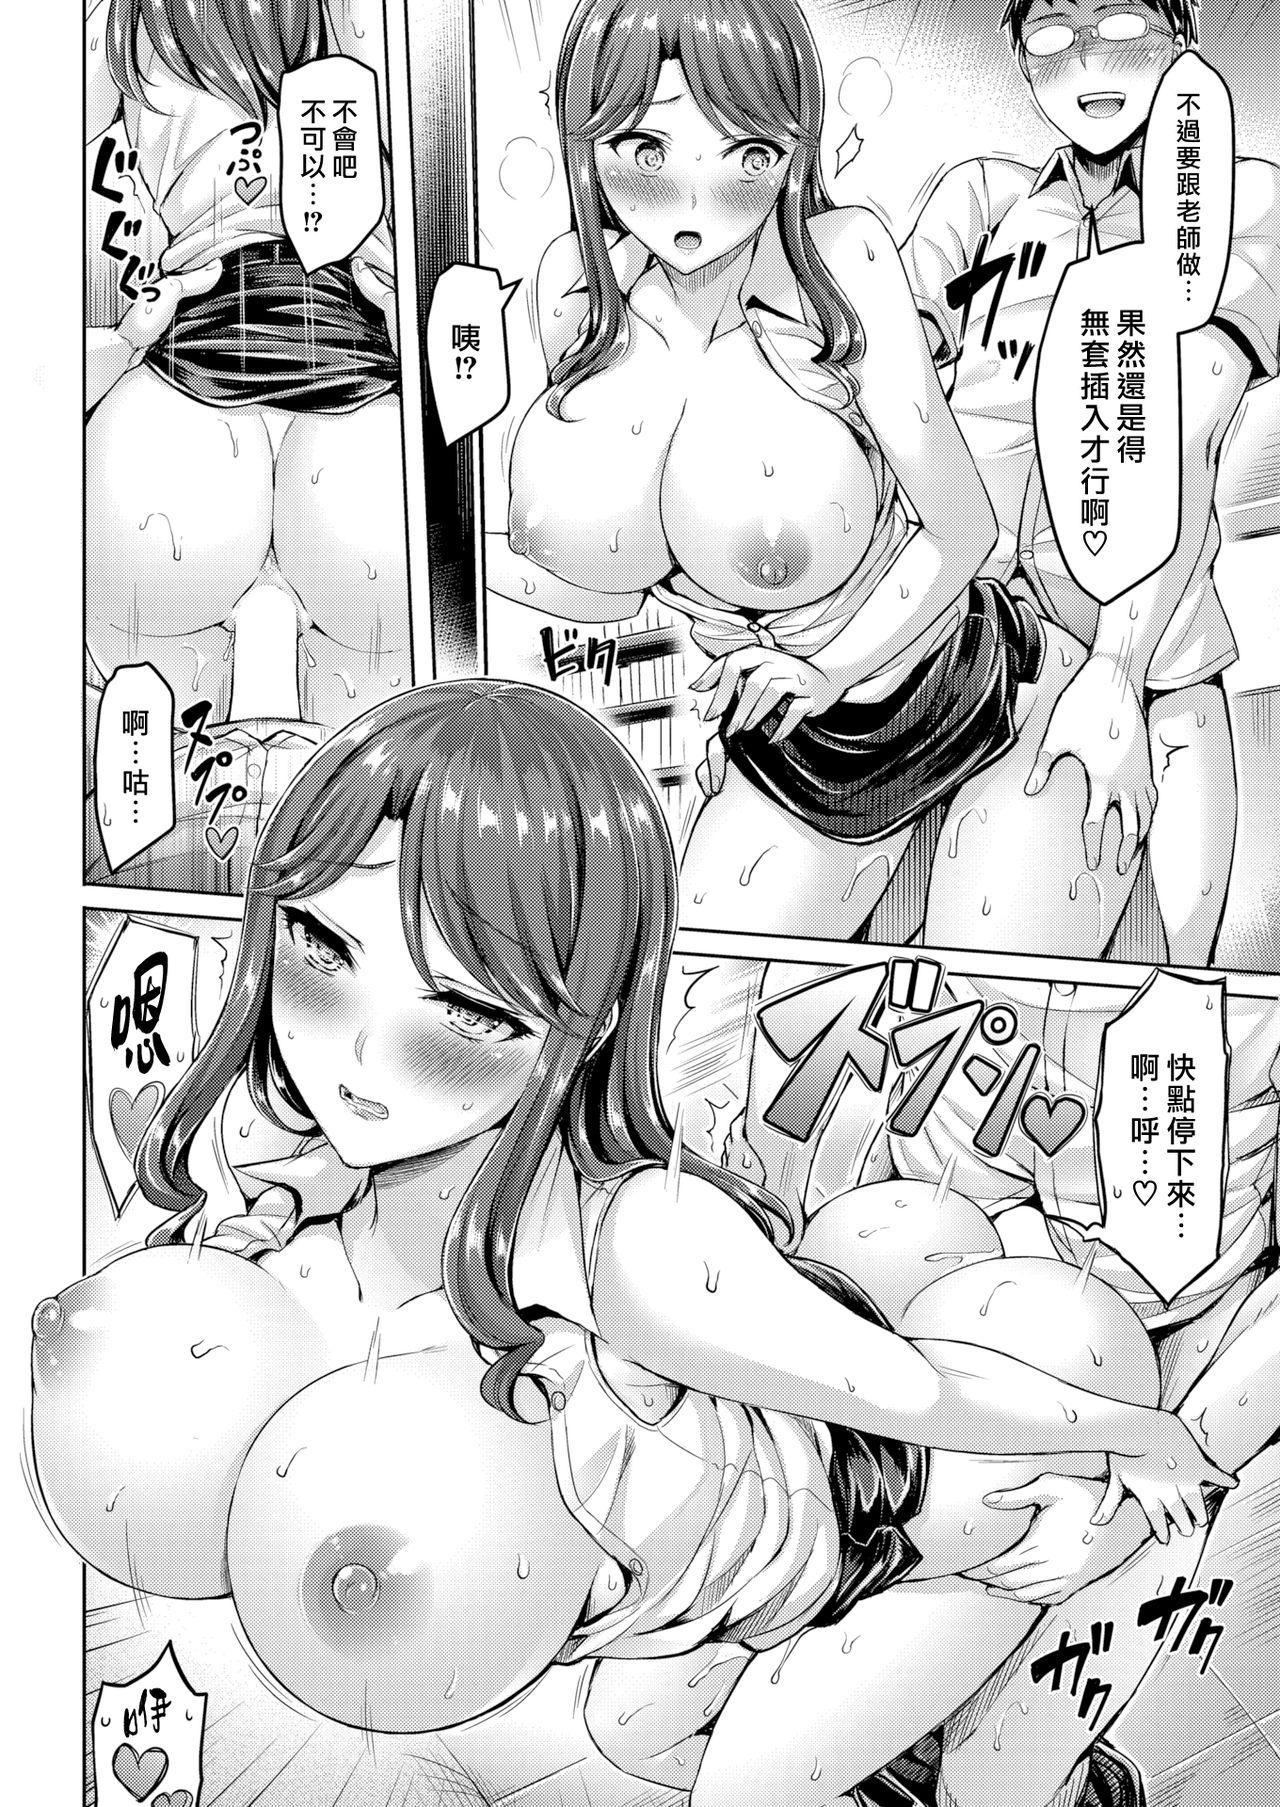 Shirasaka-sensei de Nukou! 9